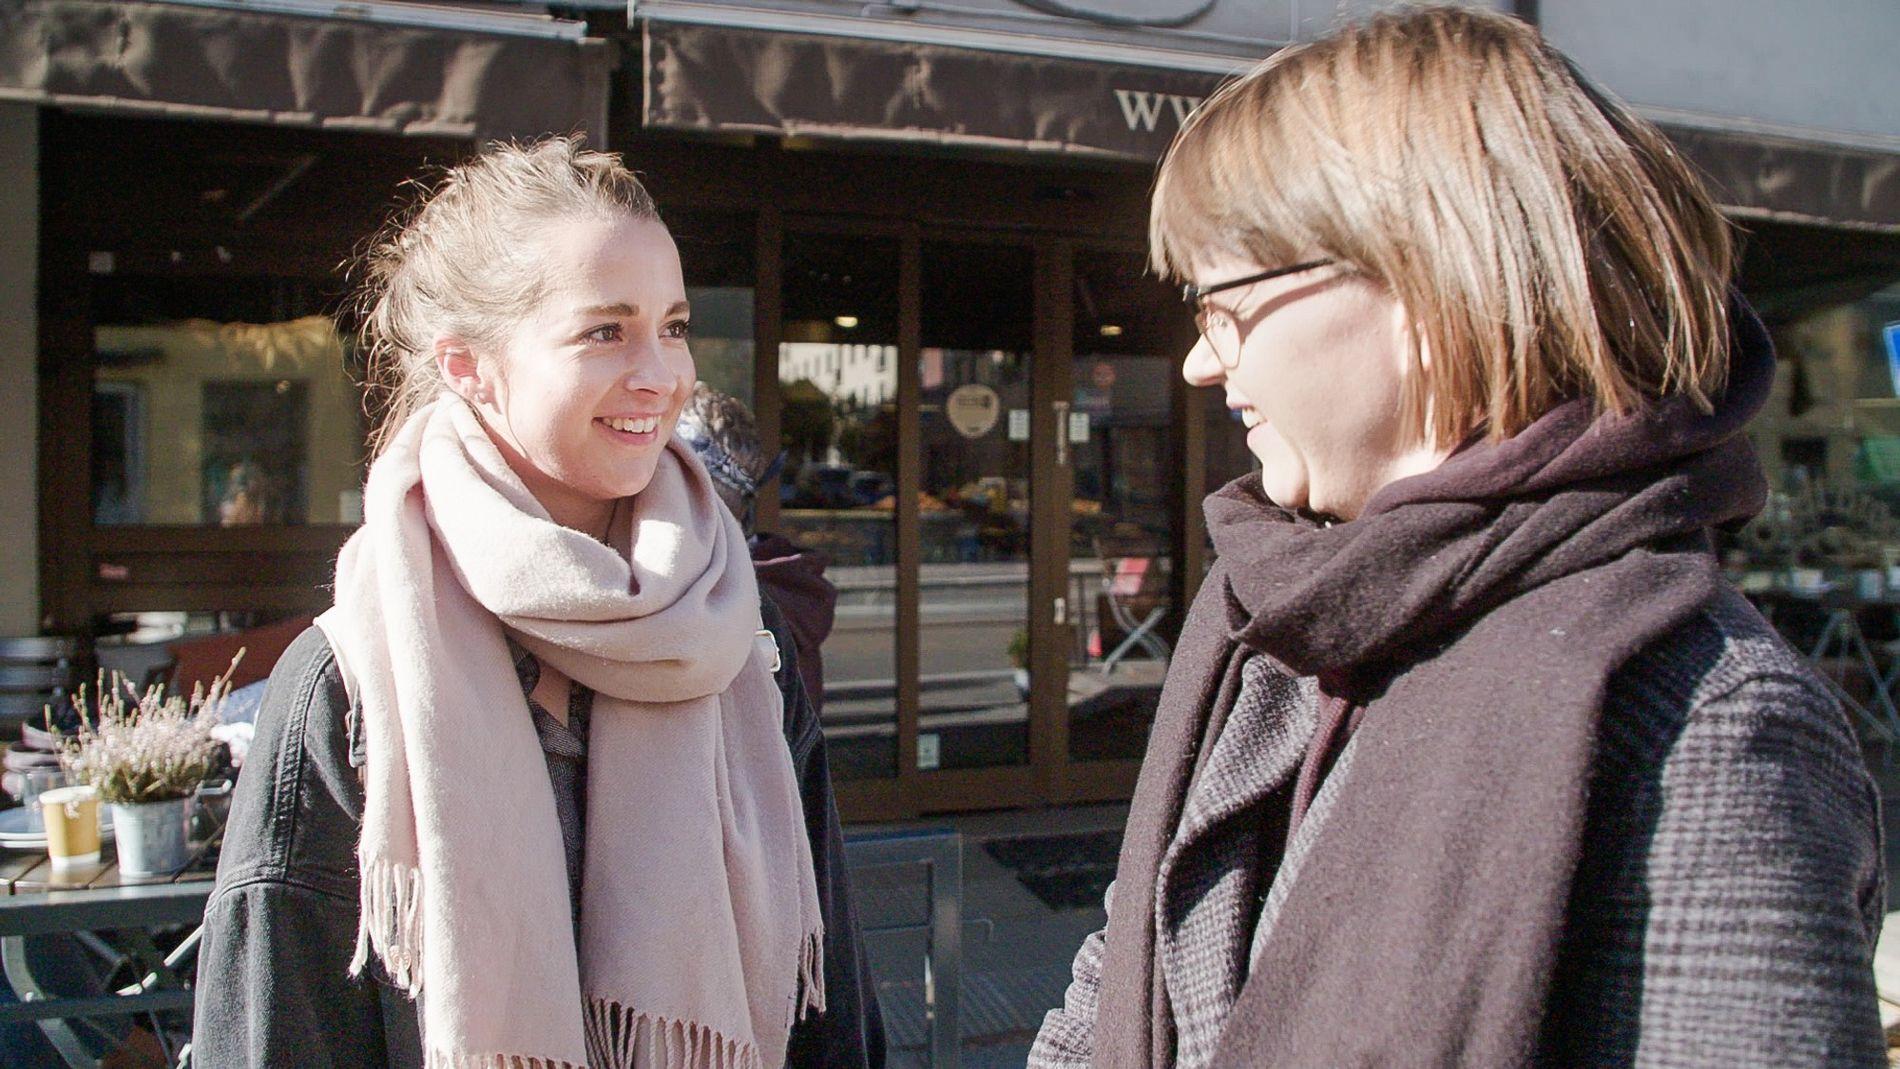 HULL I CV-EN: Eline (til venstre) og Cecilie Ramona Kåss Furuseth i «Sinnsykt».